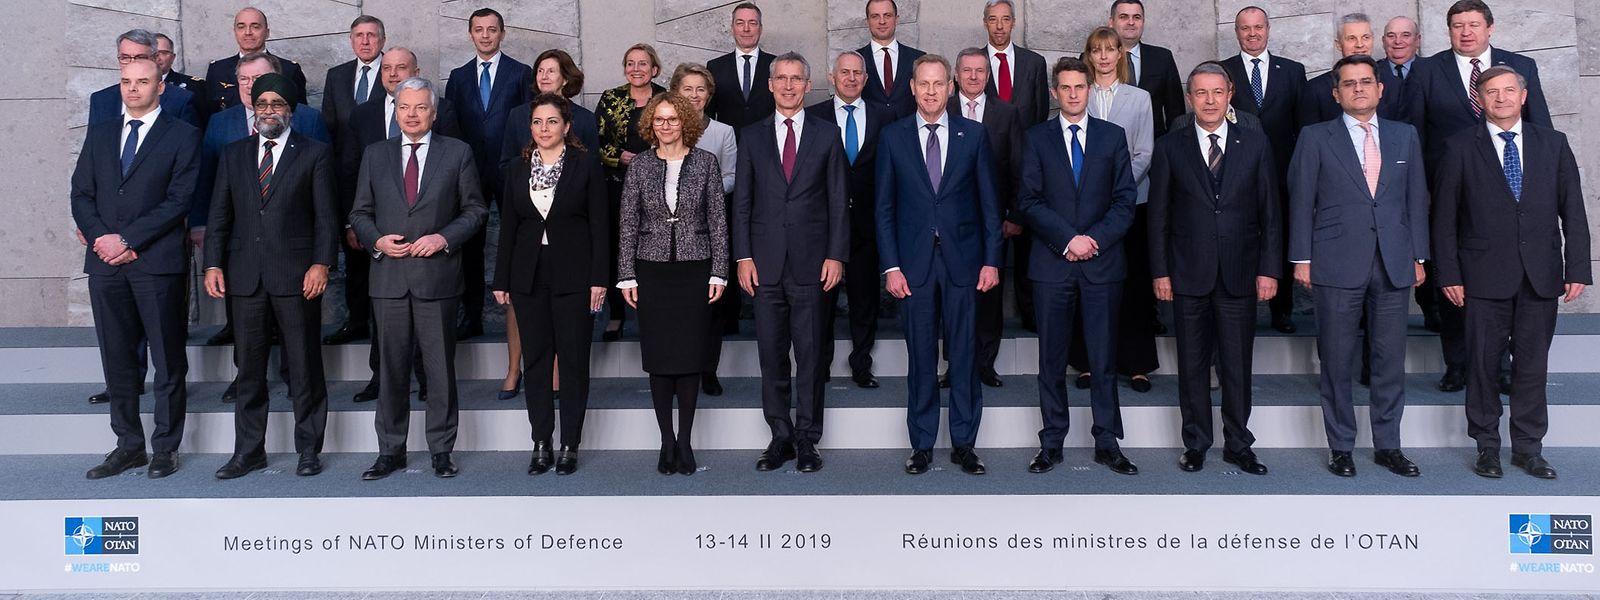 Die Verteidigungsminister der Nato-Mitgliedstaaten bei einem Treffen im Nato-Hauptquartier in Brüssel.